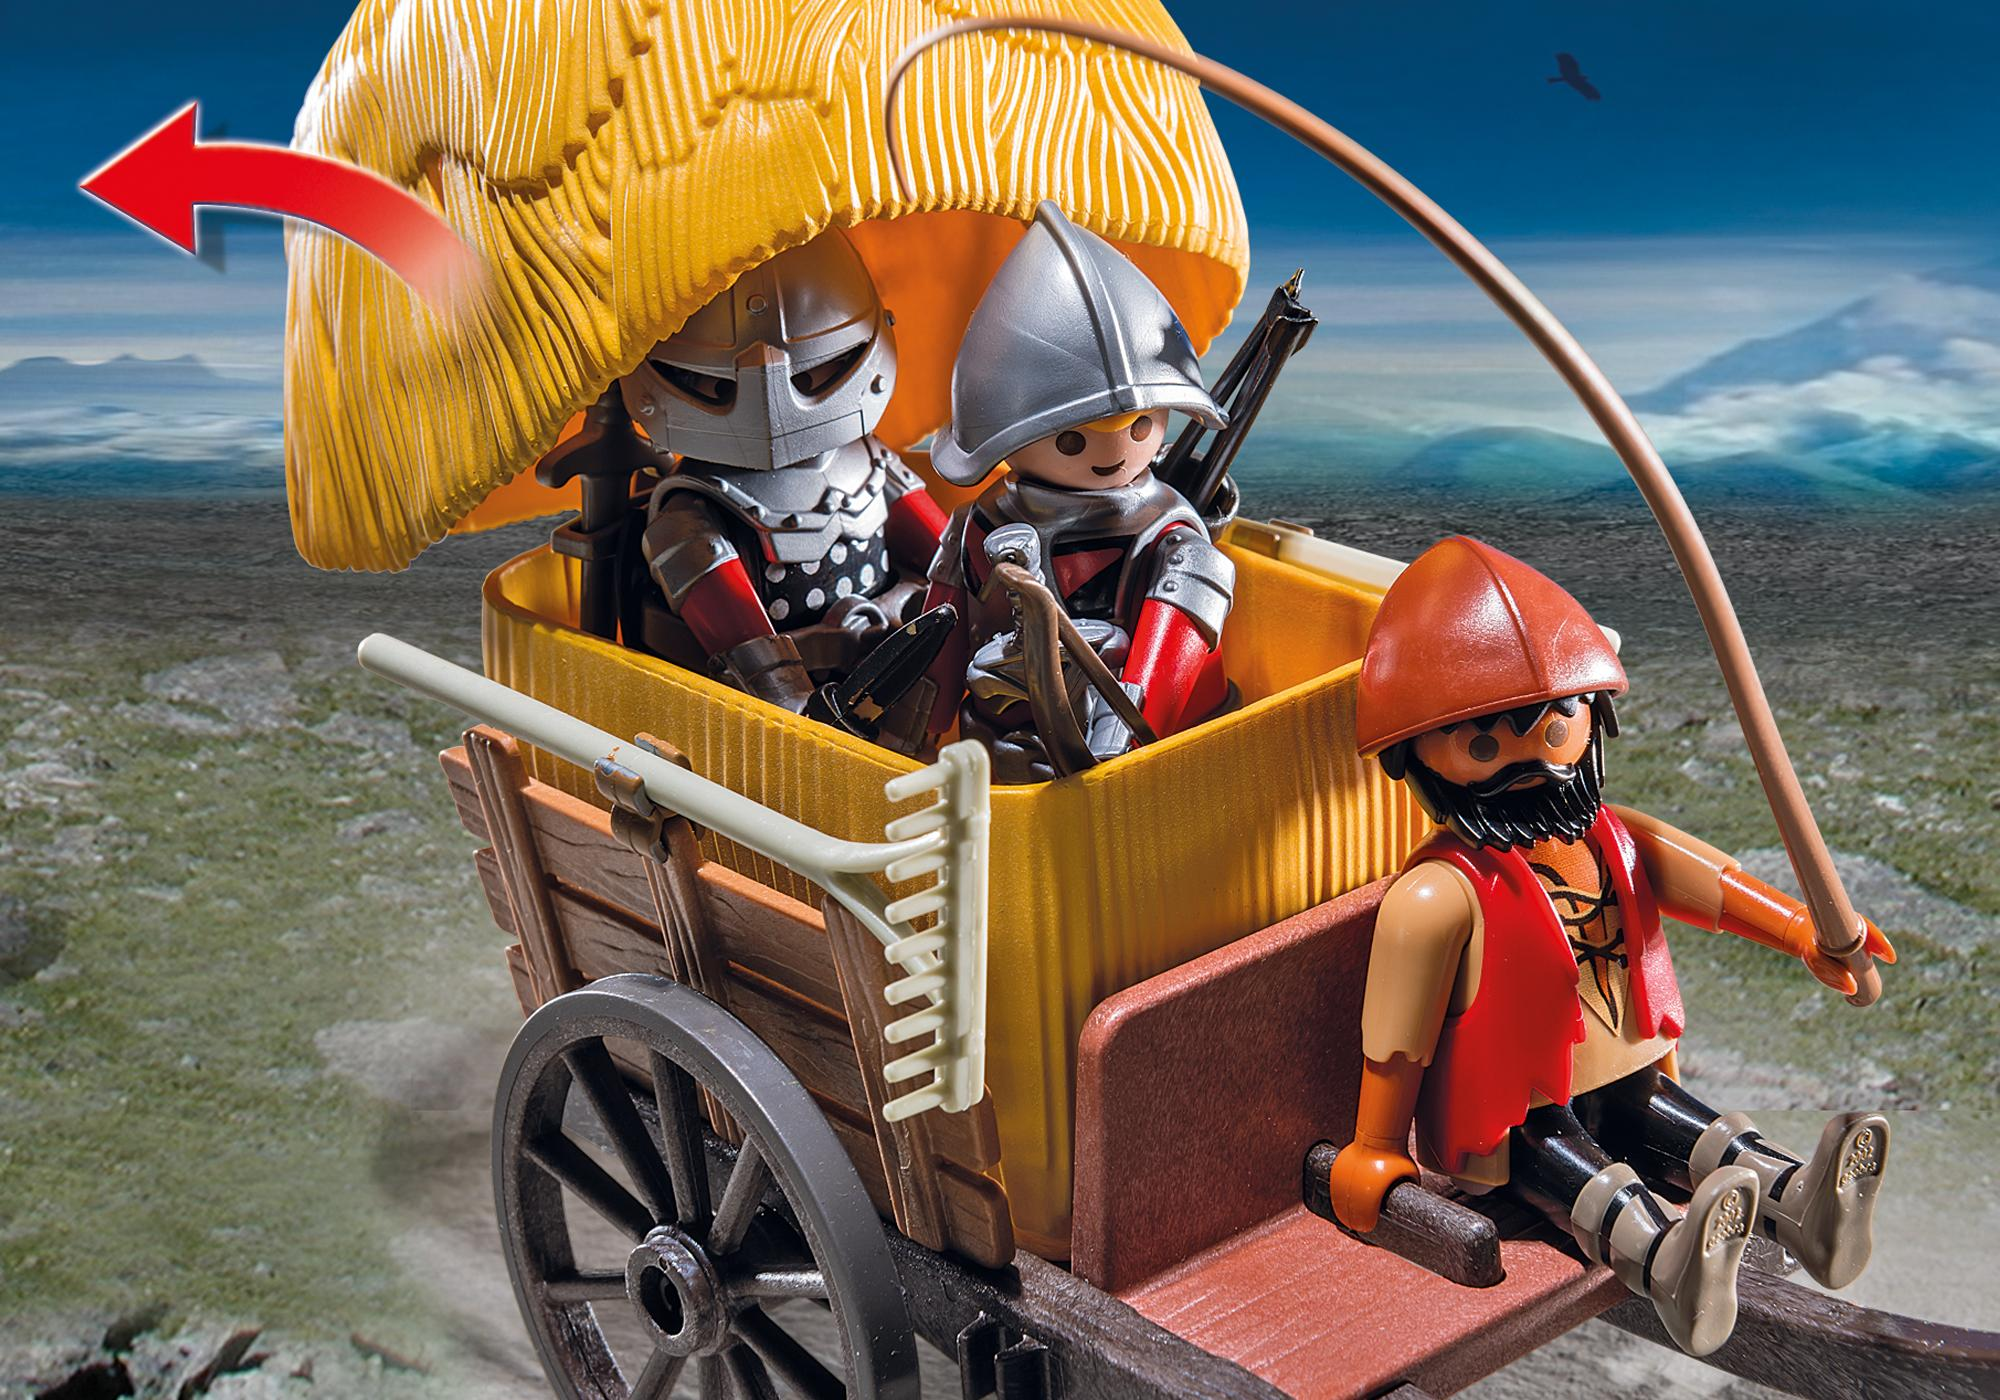 http://media.playmobil.com/i/playmobil/6005_product_extra3/Zamaskowany powóz rycerzy herbu Sokół